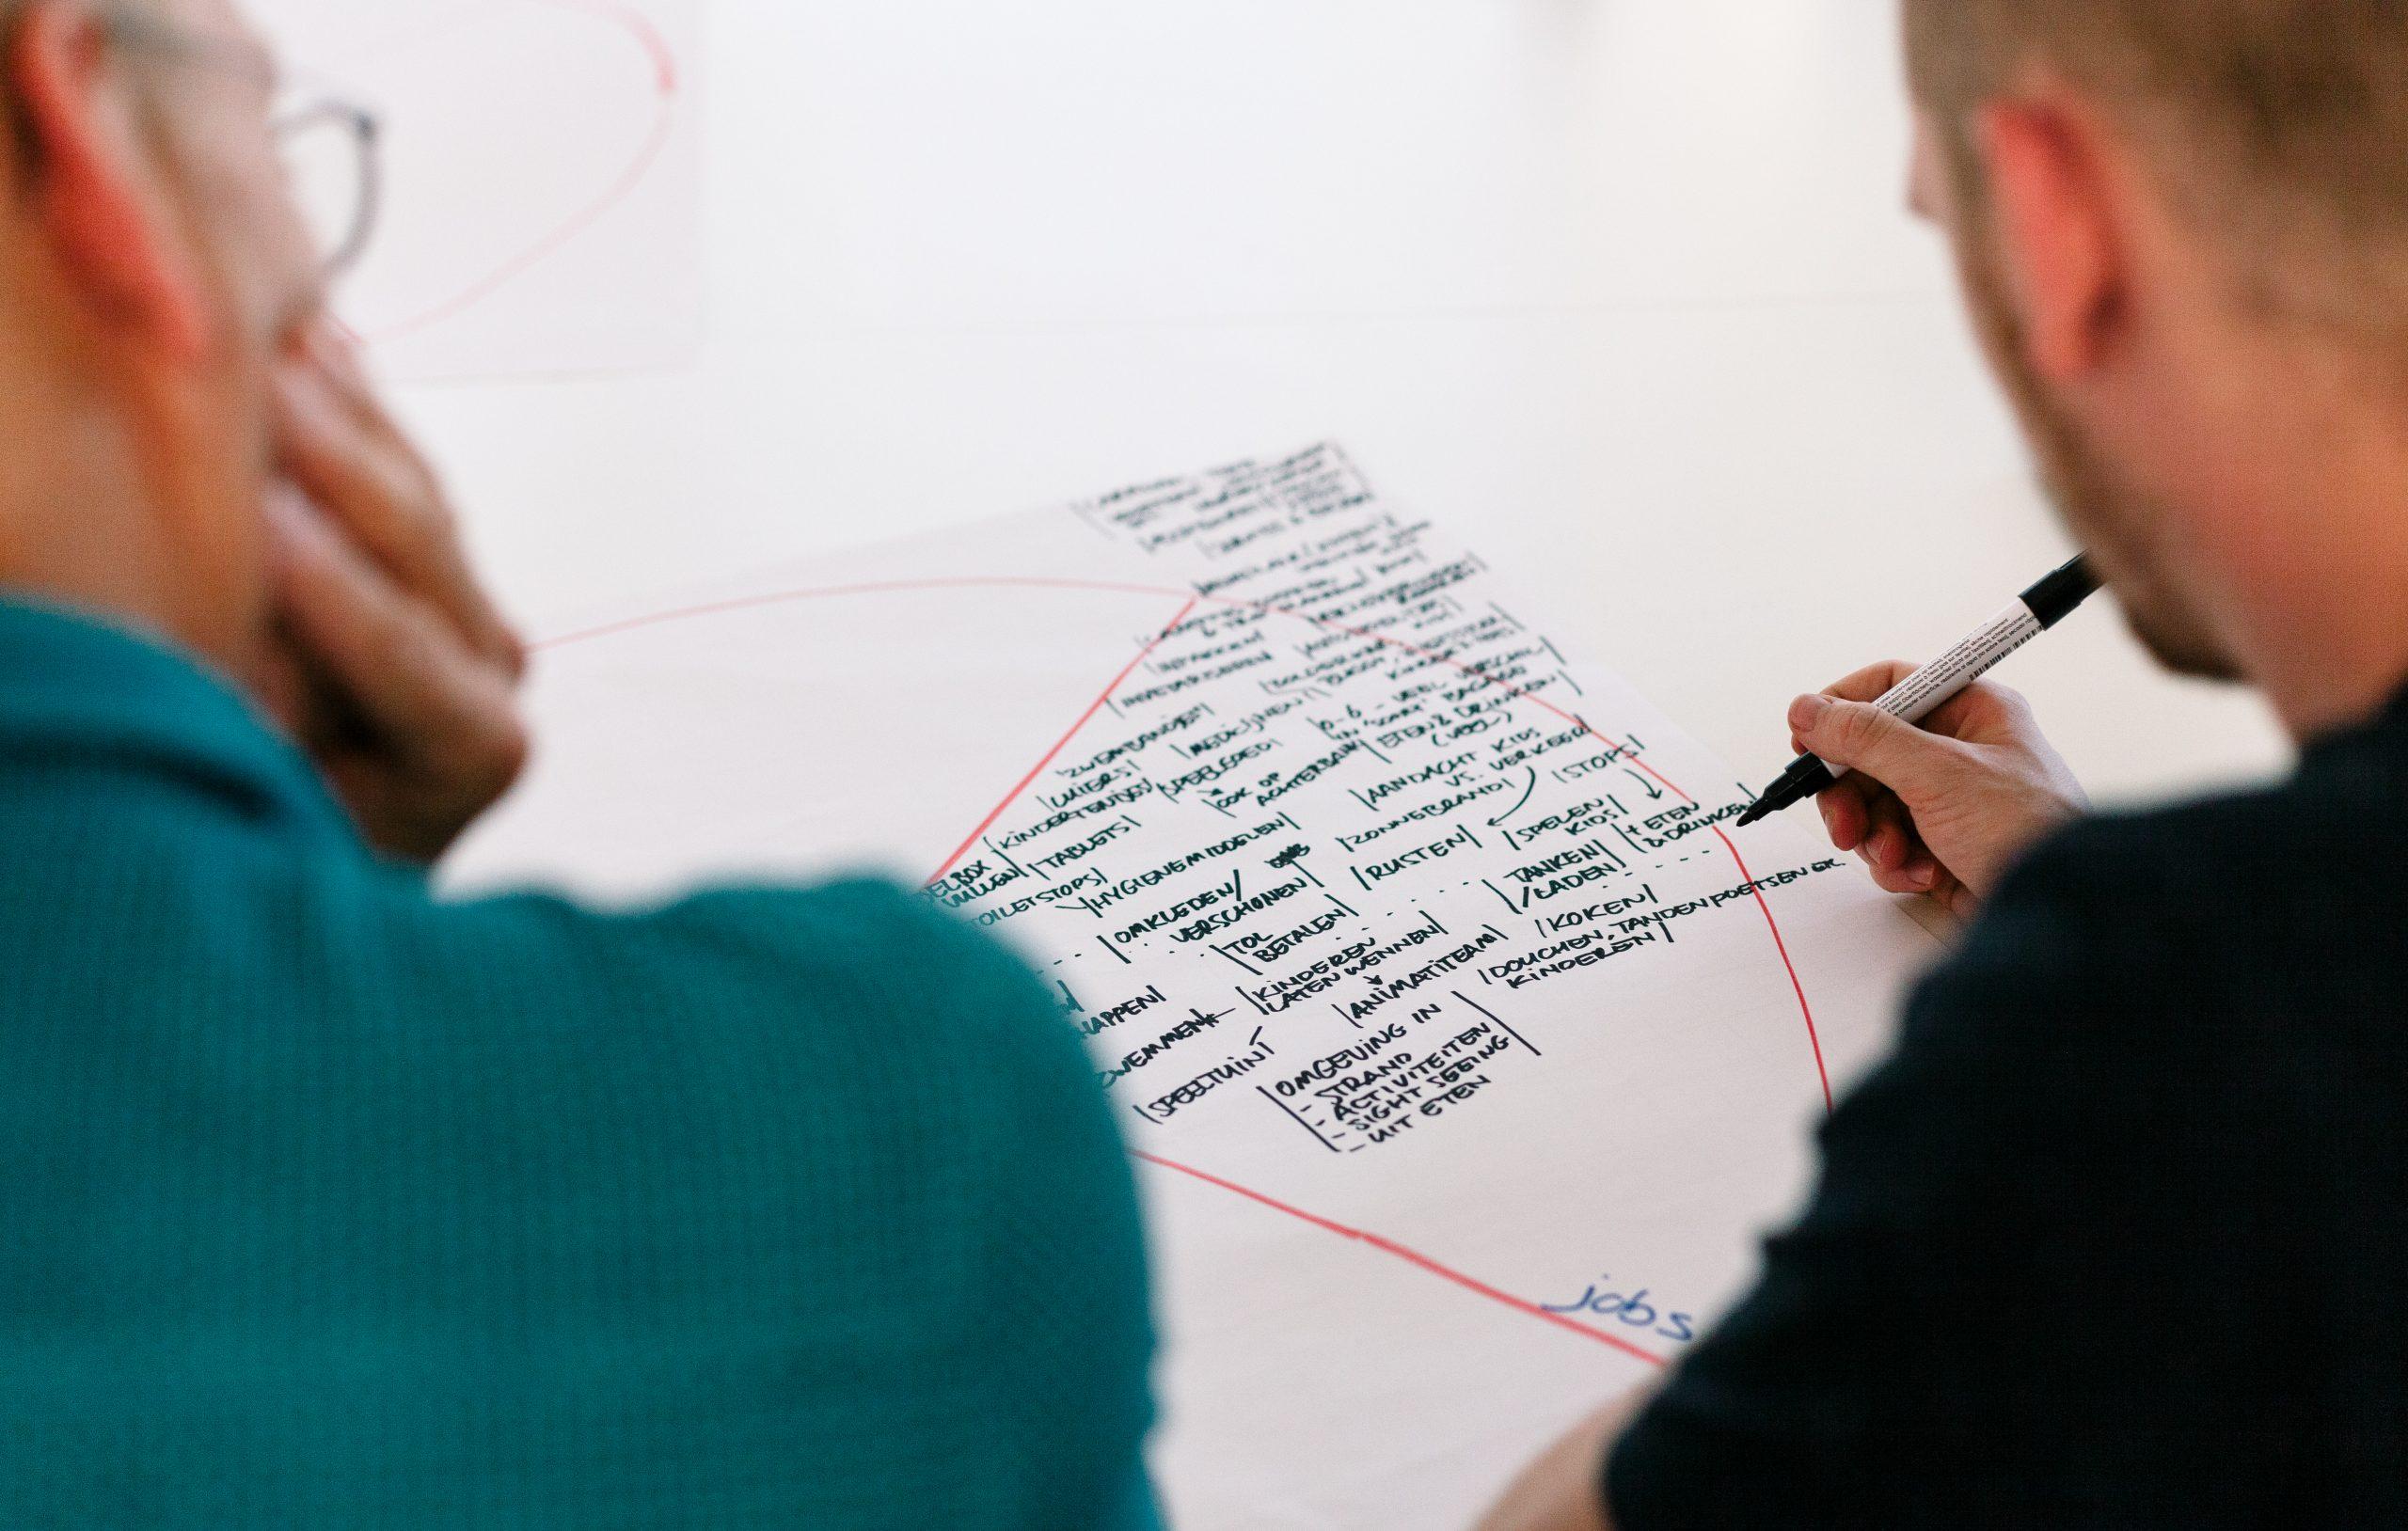 brainstorm_meeting (1 of 1)